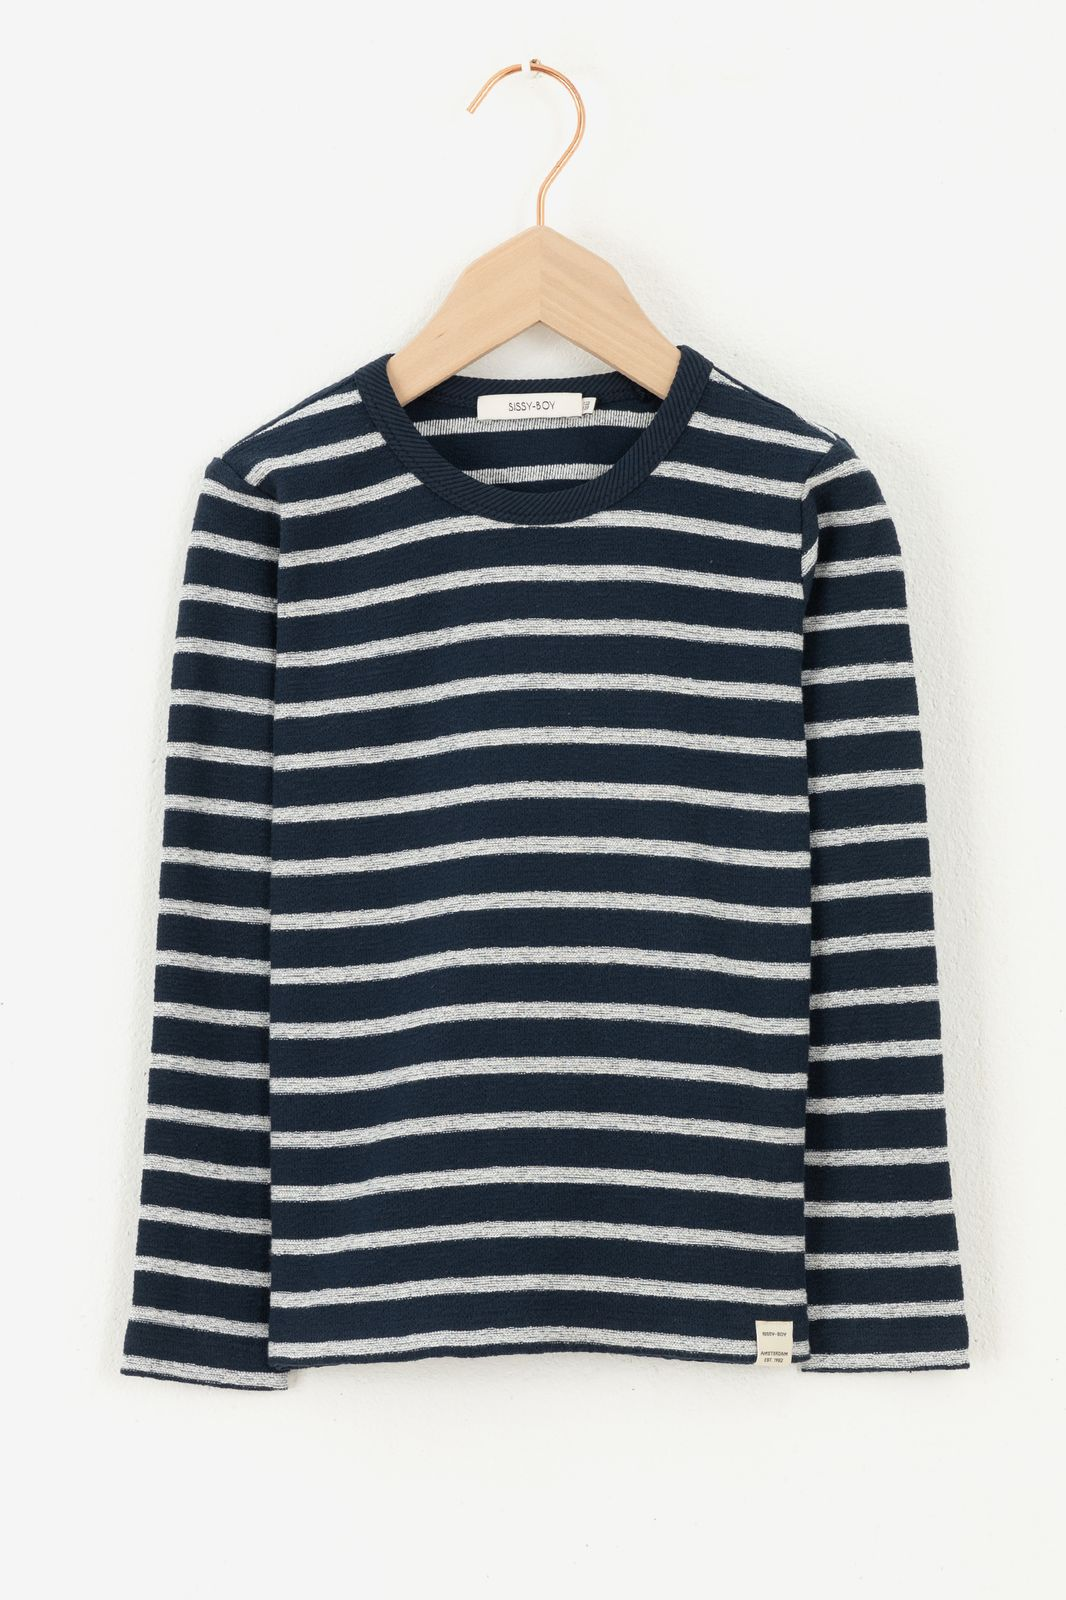 Donkerblauw gestreept T-shirt met lange mouw